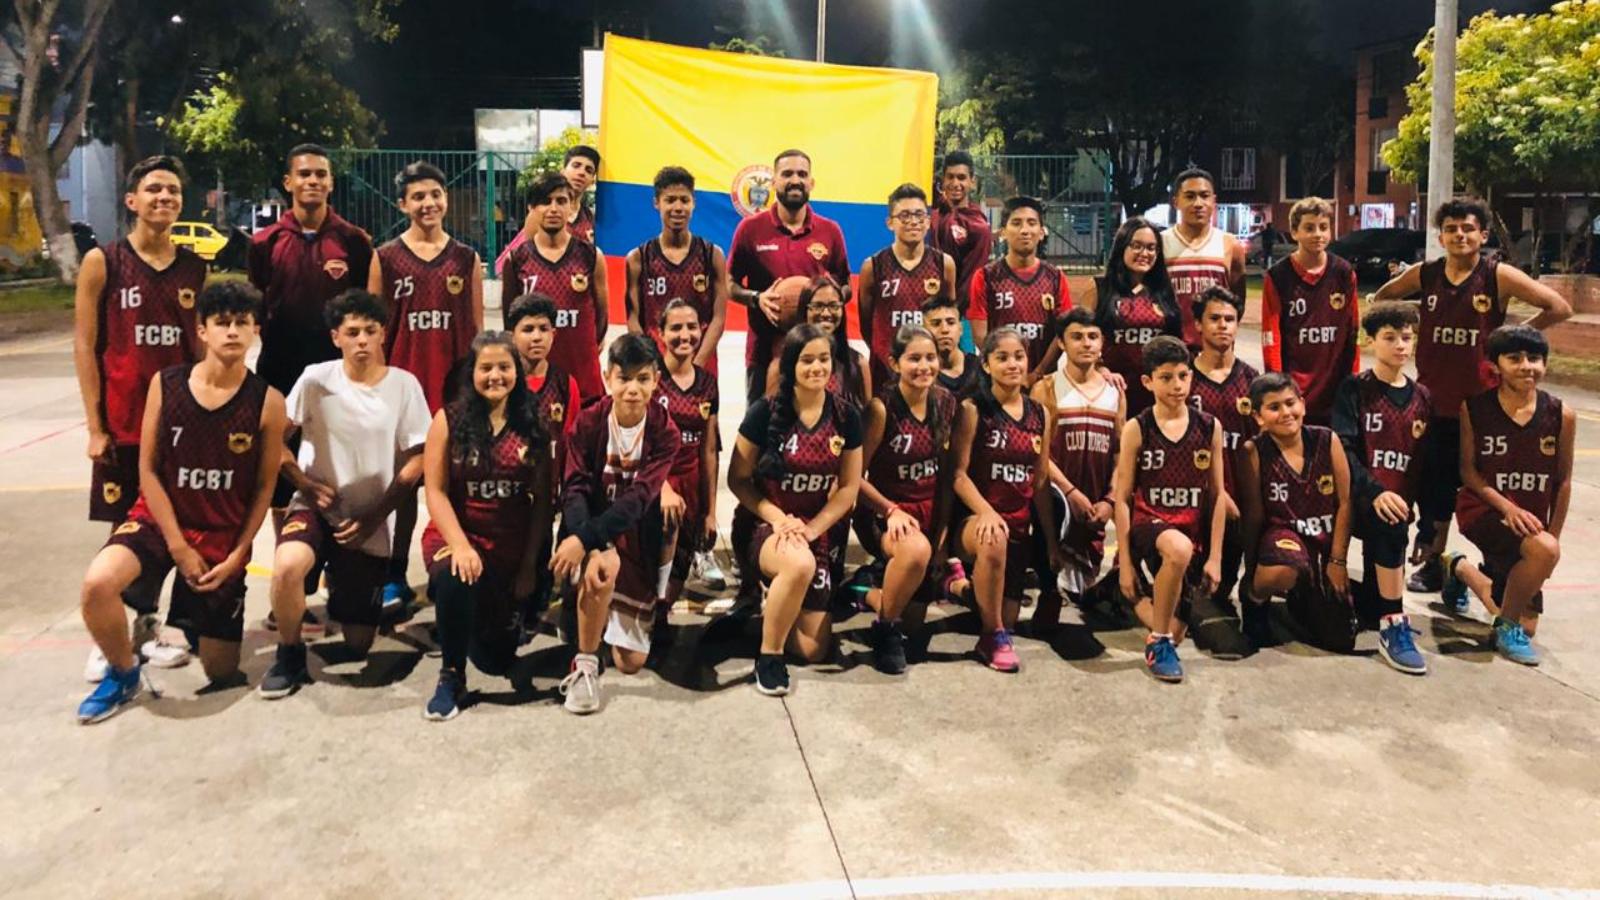 El baloncesto une los sueños de los migrantes en un barrio de Bogotá